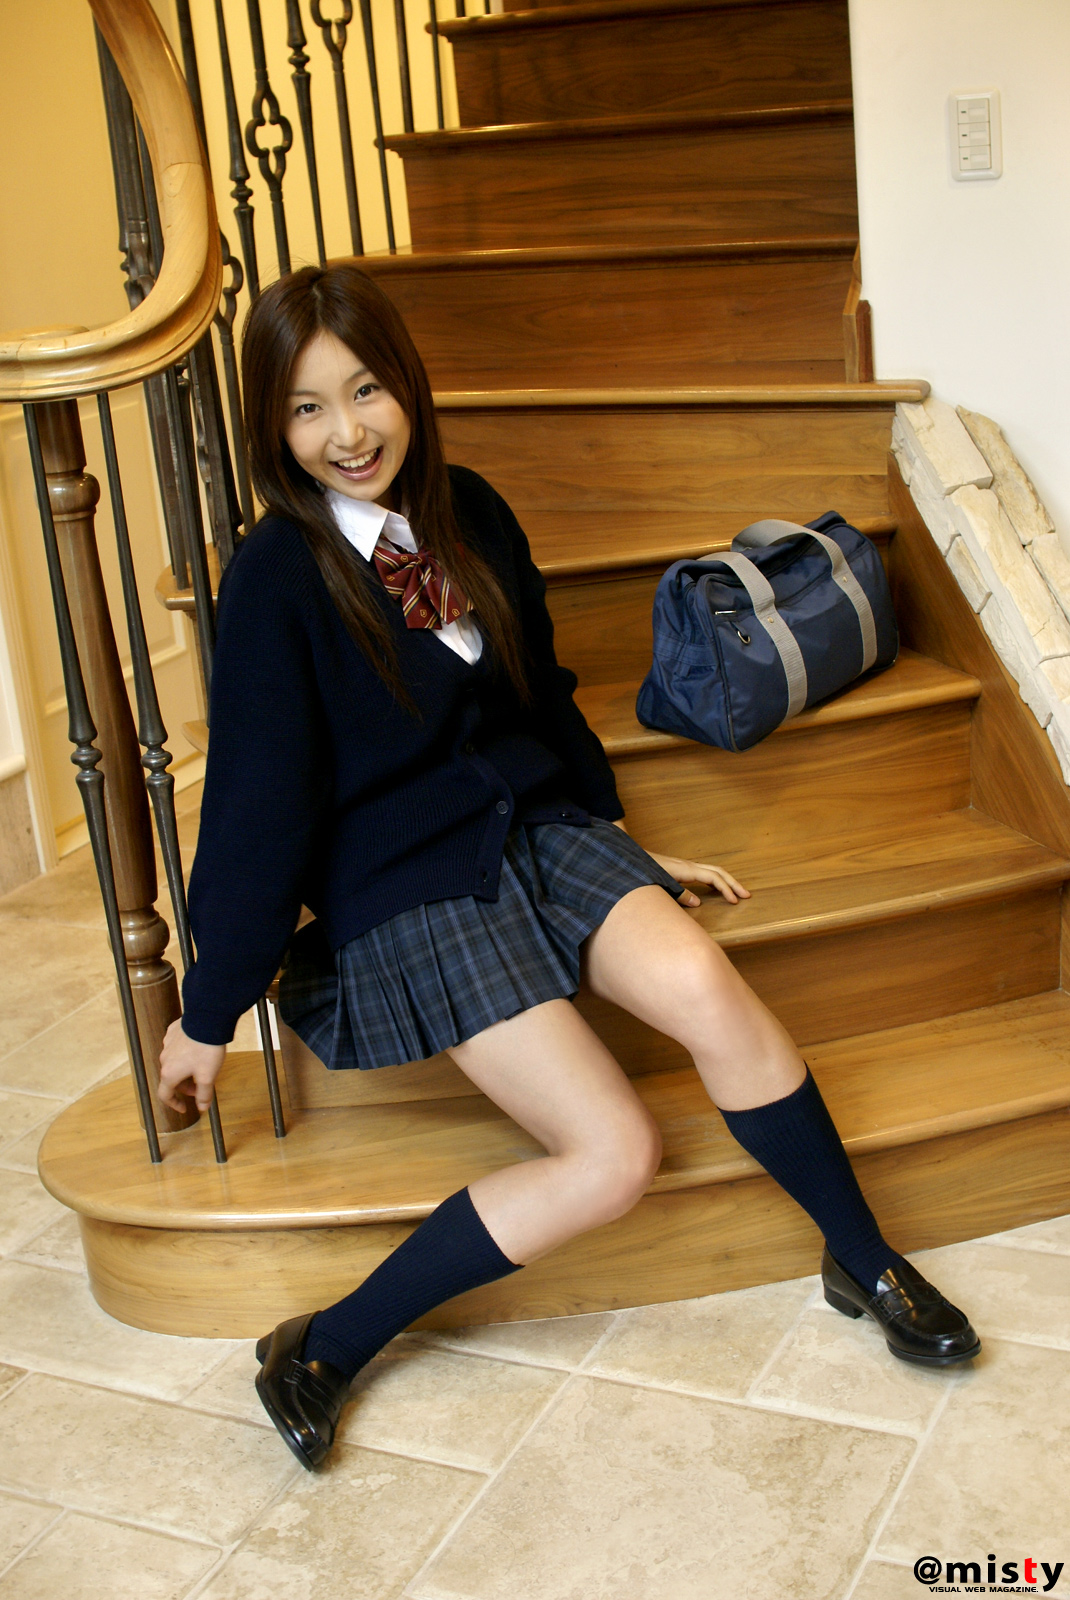 Sanokjiji Sexy Tokyo Teen Posing In School Uniform-7443